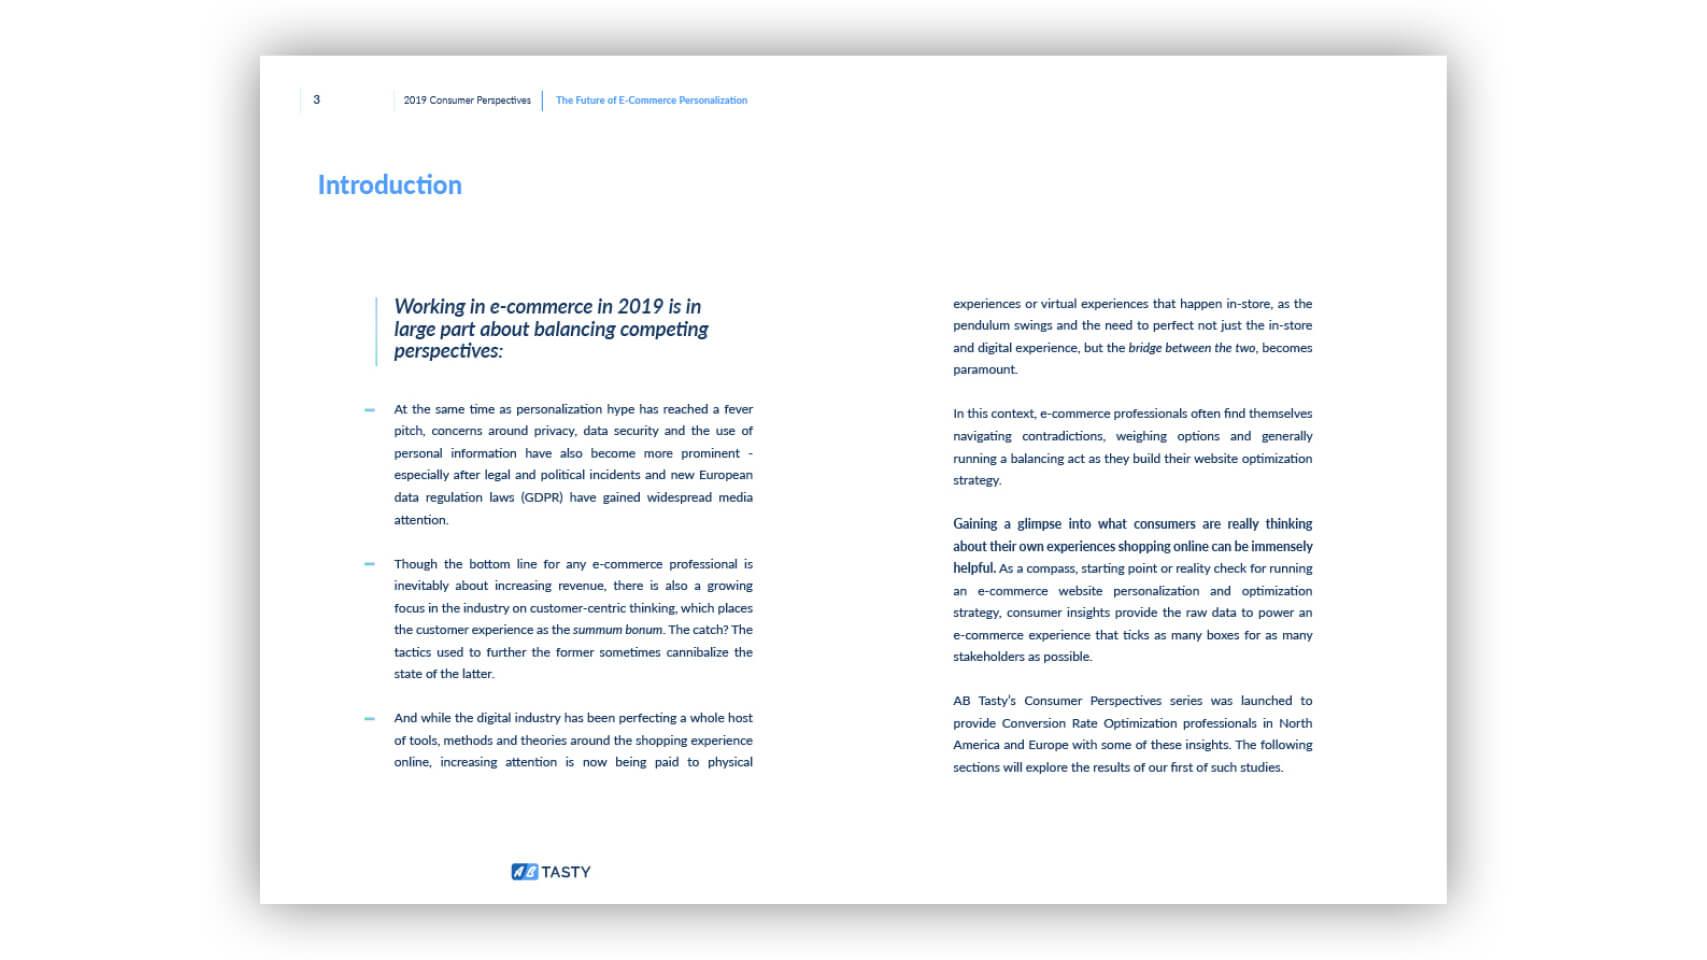 Future Ecommerce Personalization study